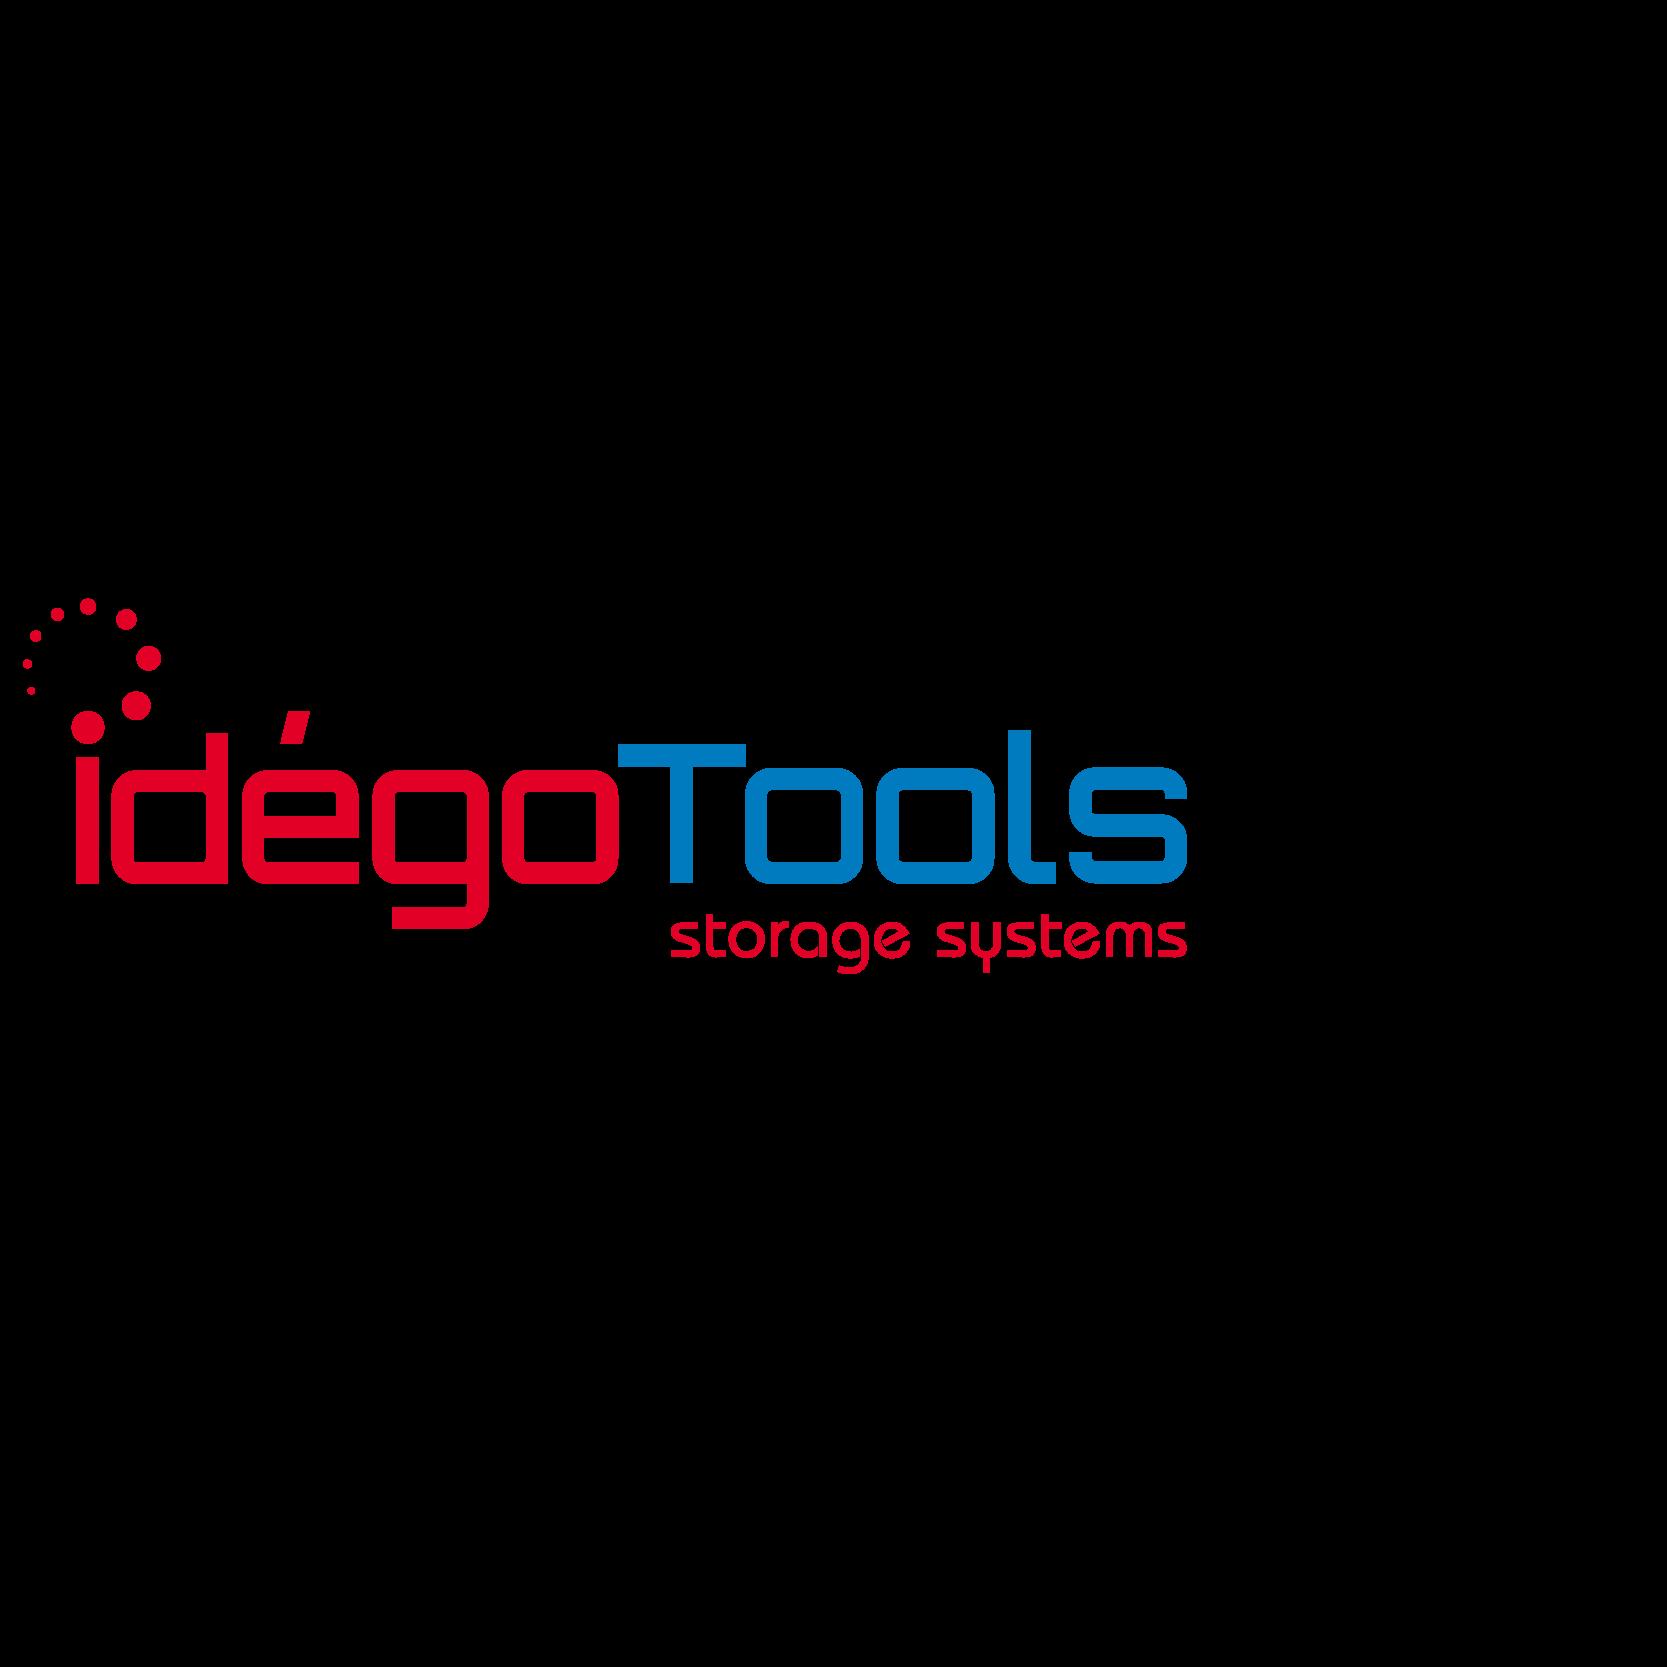 idegotools_logo_400x400